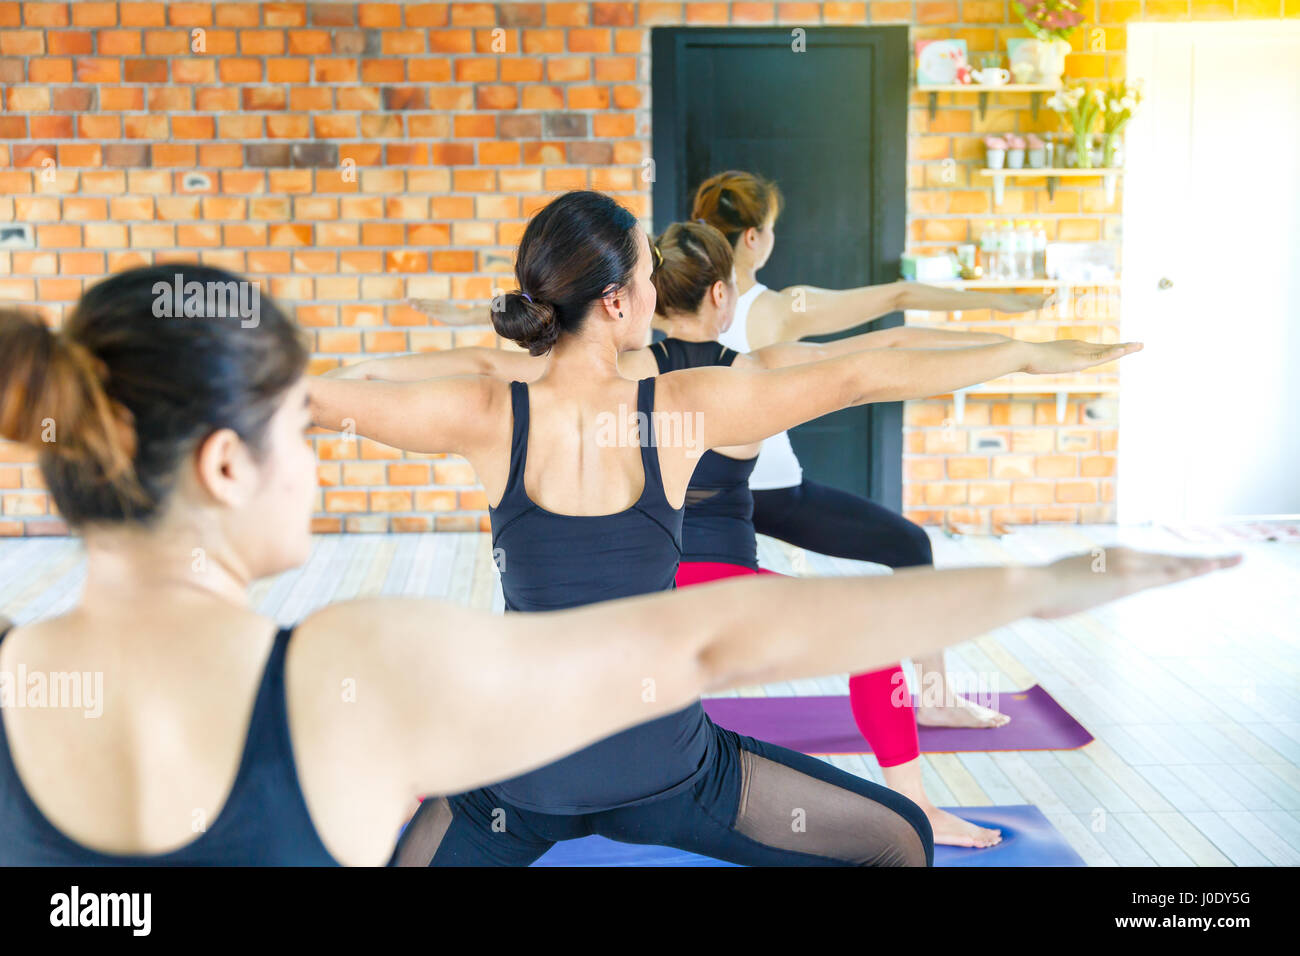 Fitness asiatische weibliche Gruppe Aufwärmen Yoga-Pose in Reihe an der Yogaklasse zu tun. selektiven Fokus Stockbild